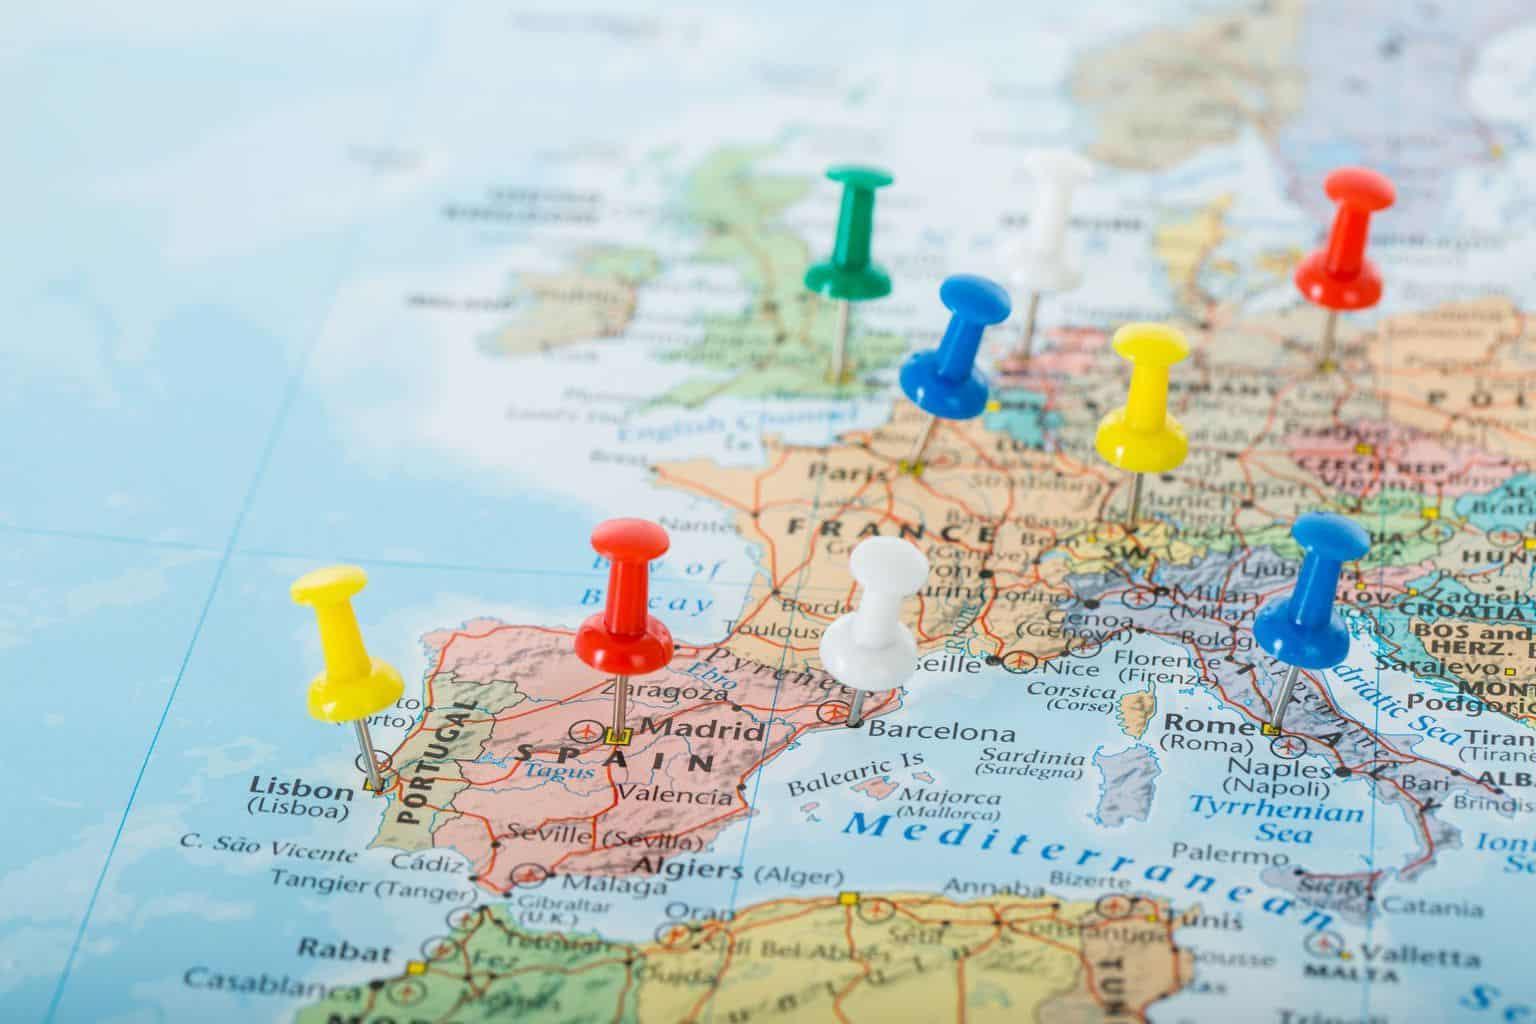 PwC-Analysten: 2020 als Wendepunkt für E-Autos in Europa